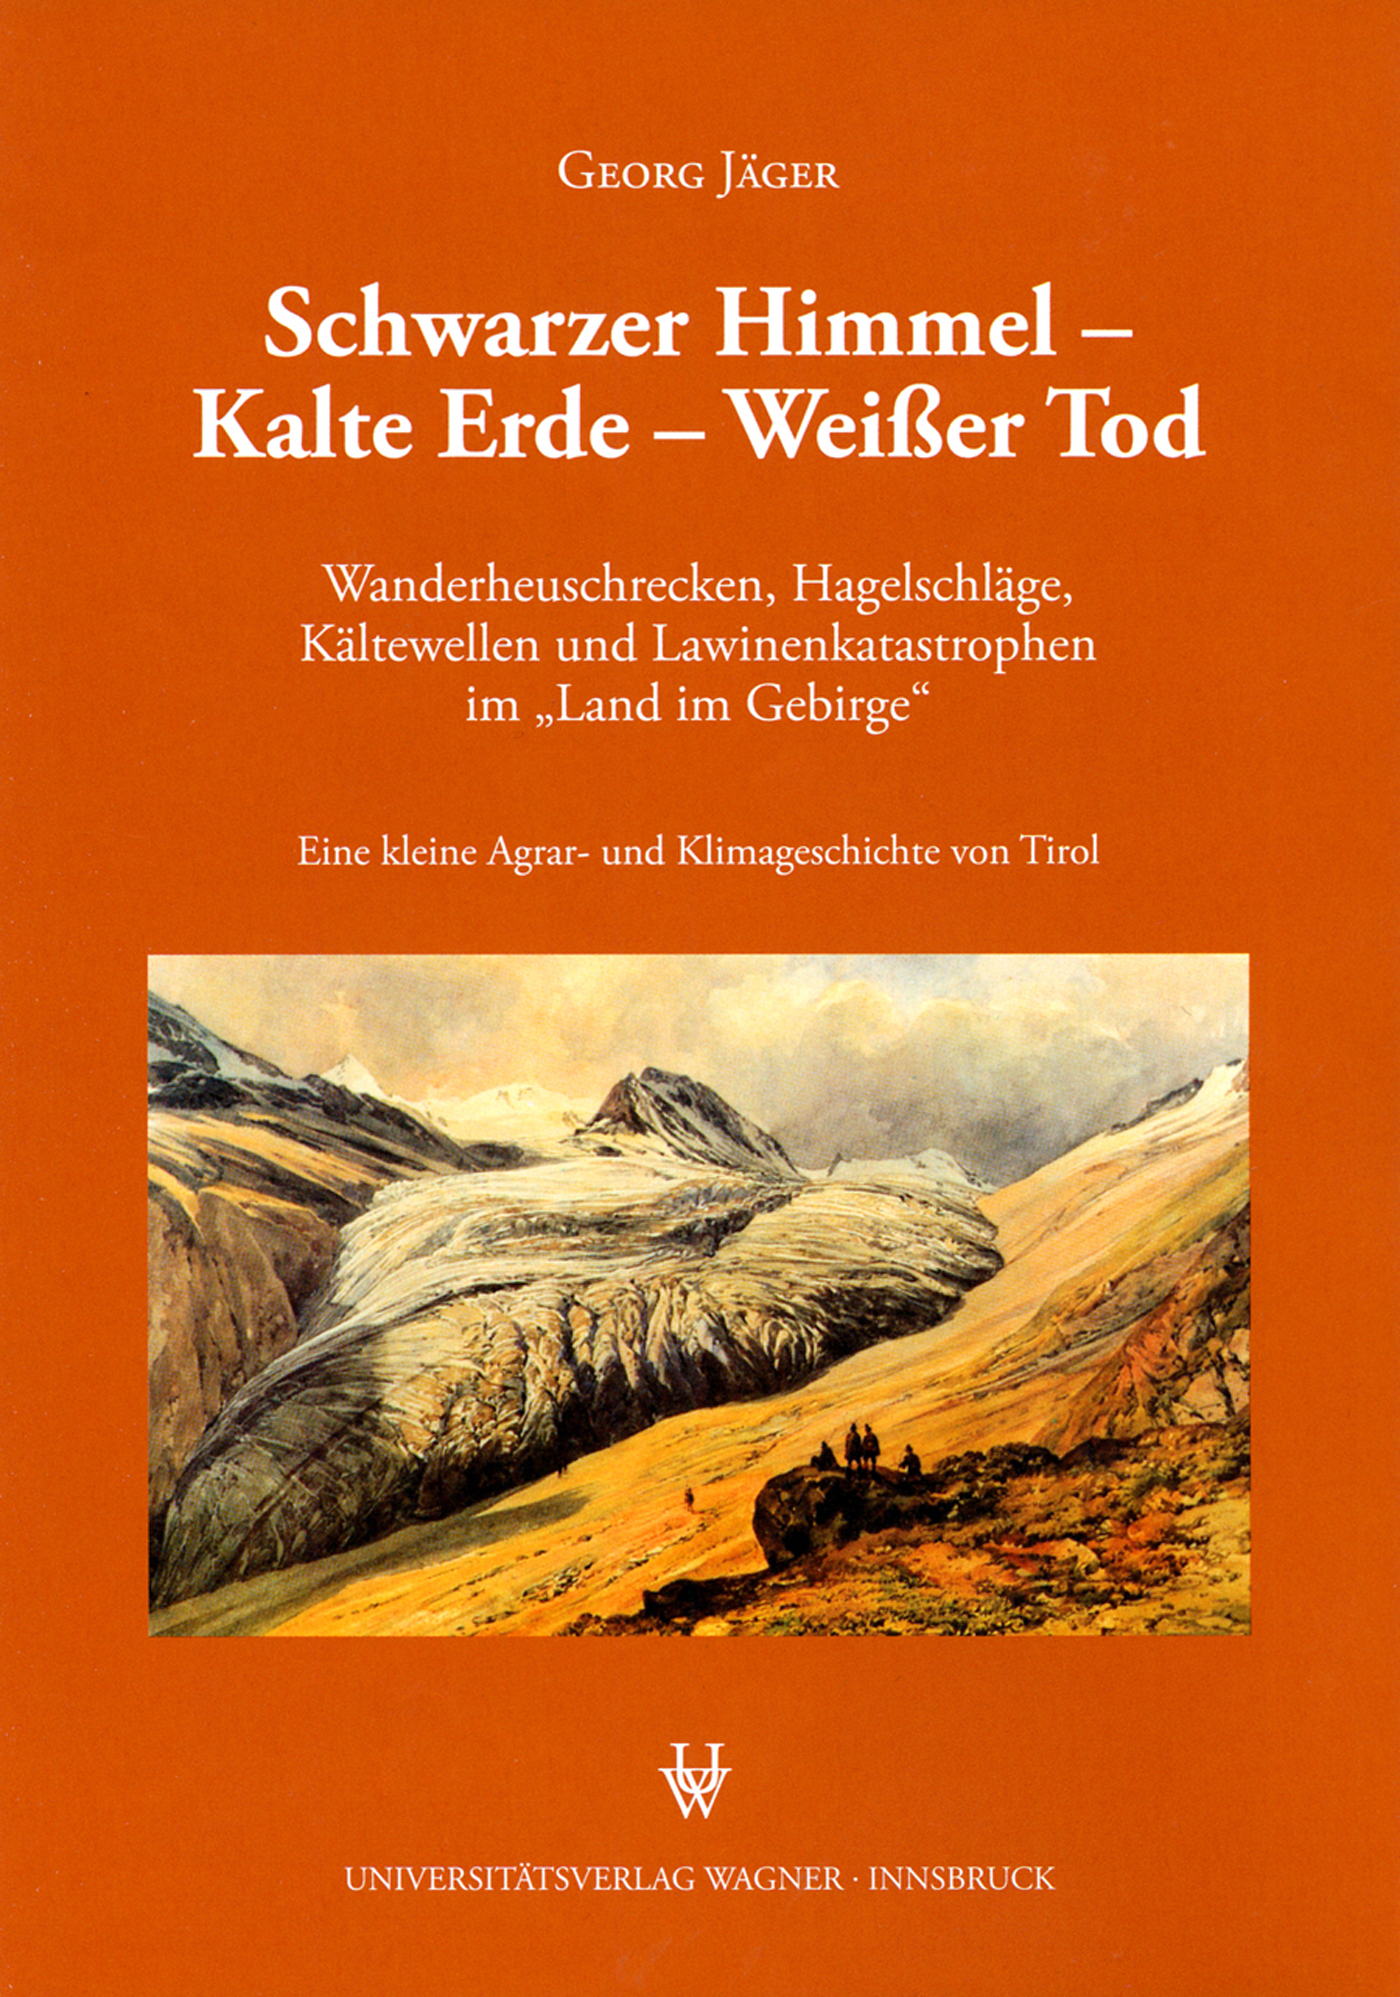 цена Georg Jager Schwarzer Himmel - Kalte Erde - Weißer Tod онлайн в 2017 году